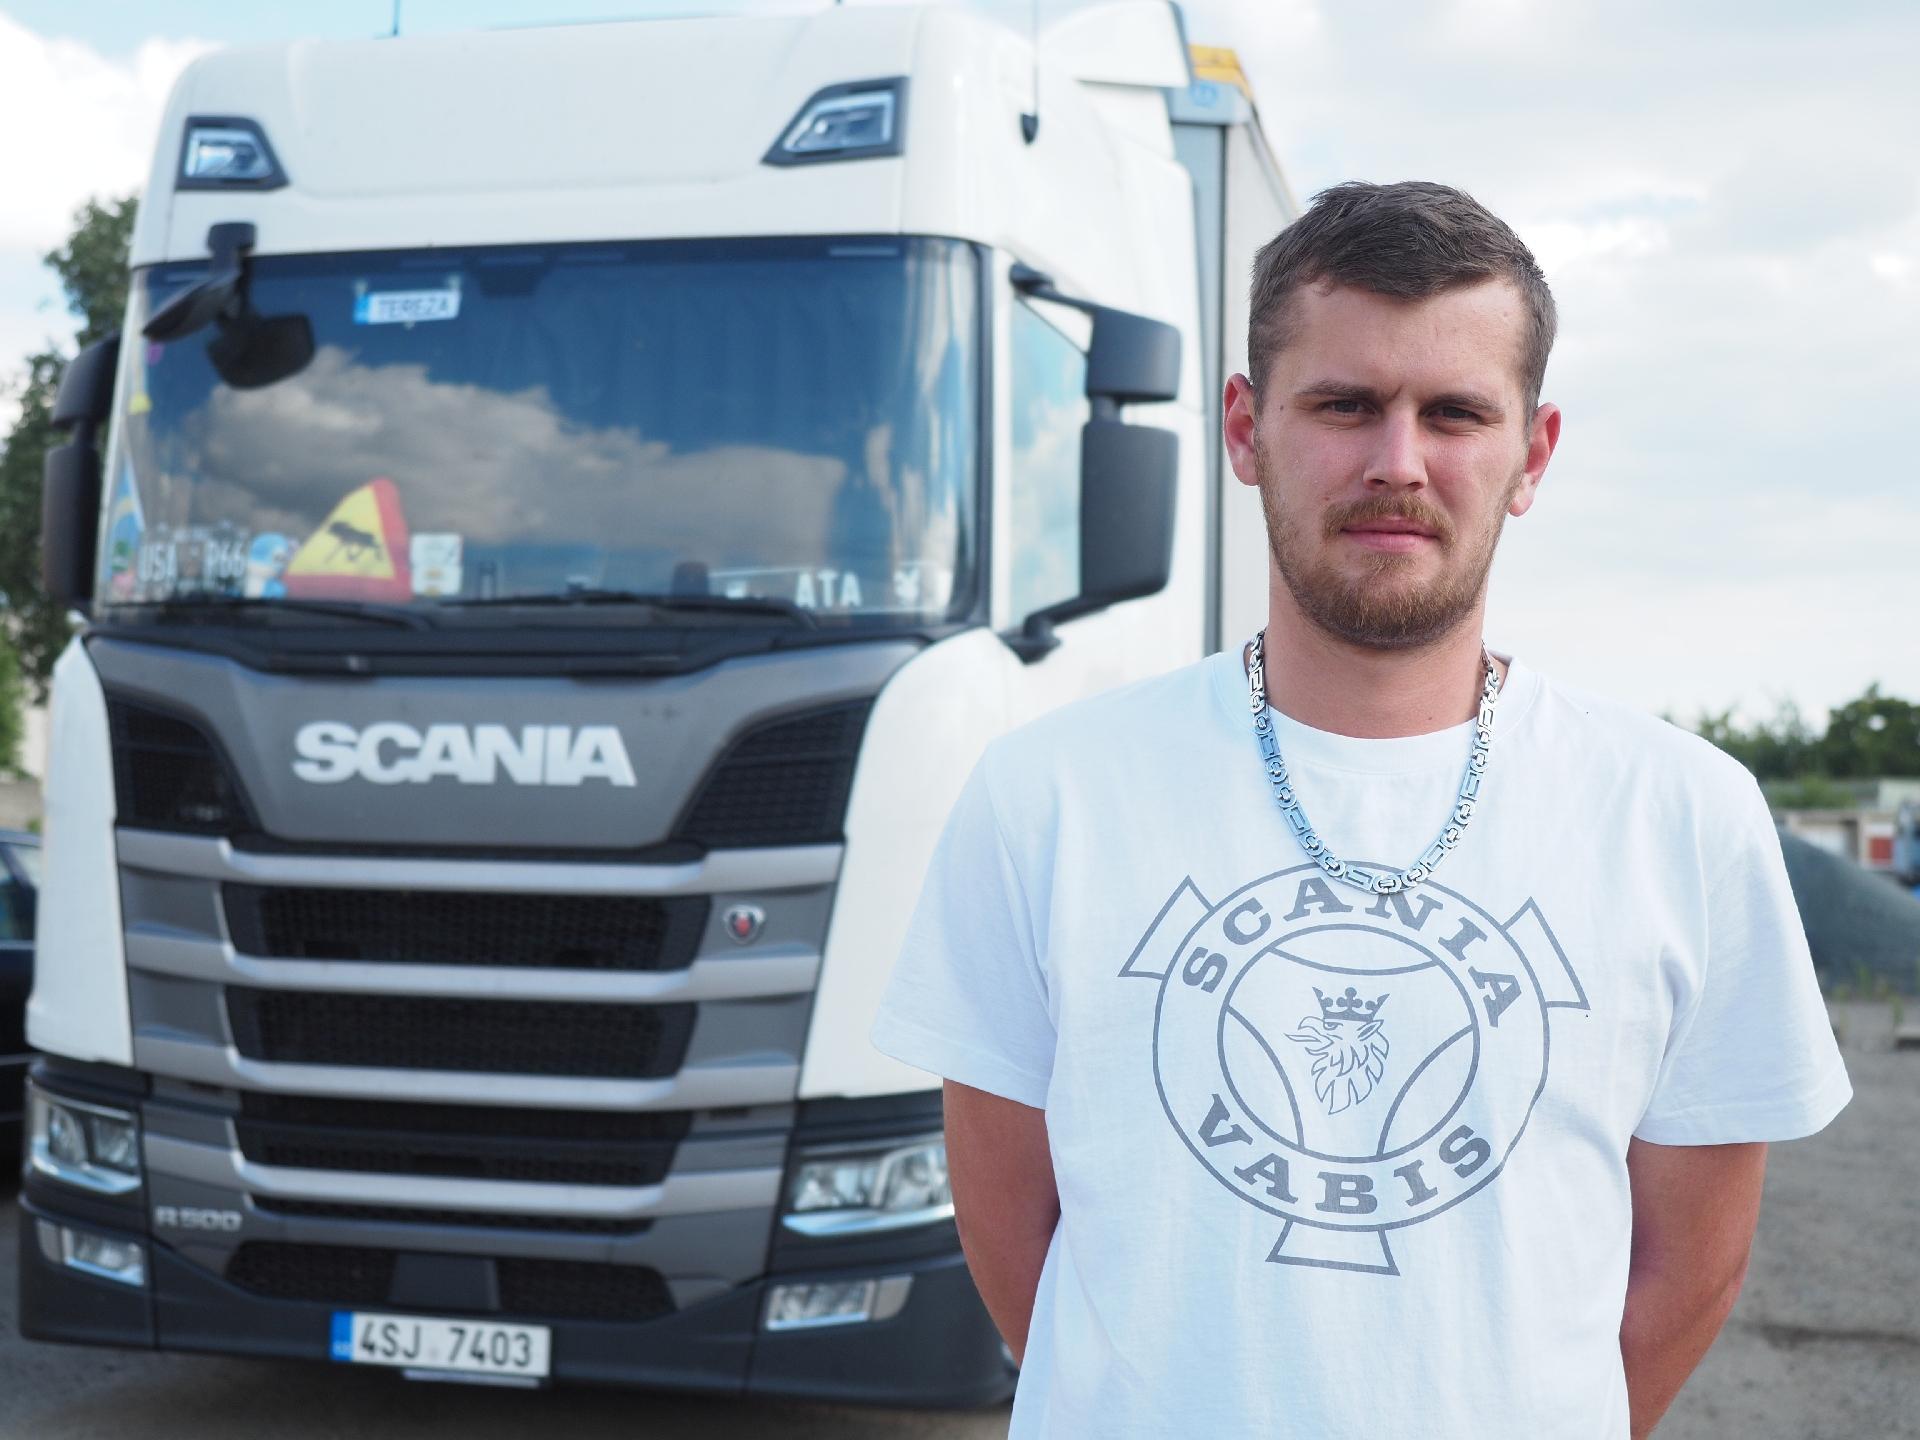 Vítěz soutěže Scania CO2NTROL CUP 2018 Vlastimil Schimmel se svým vozidlem Scania R 500 (foto: Scania)